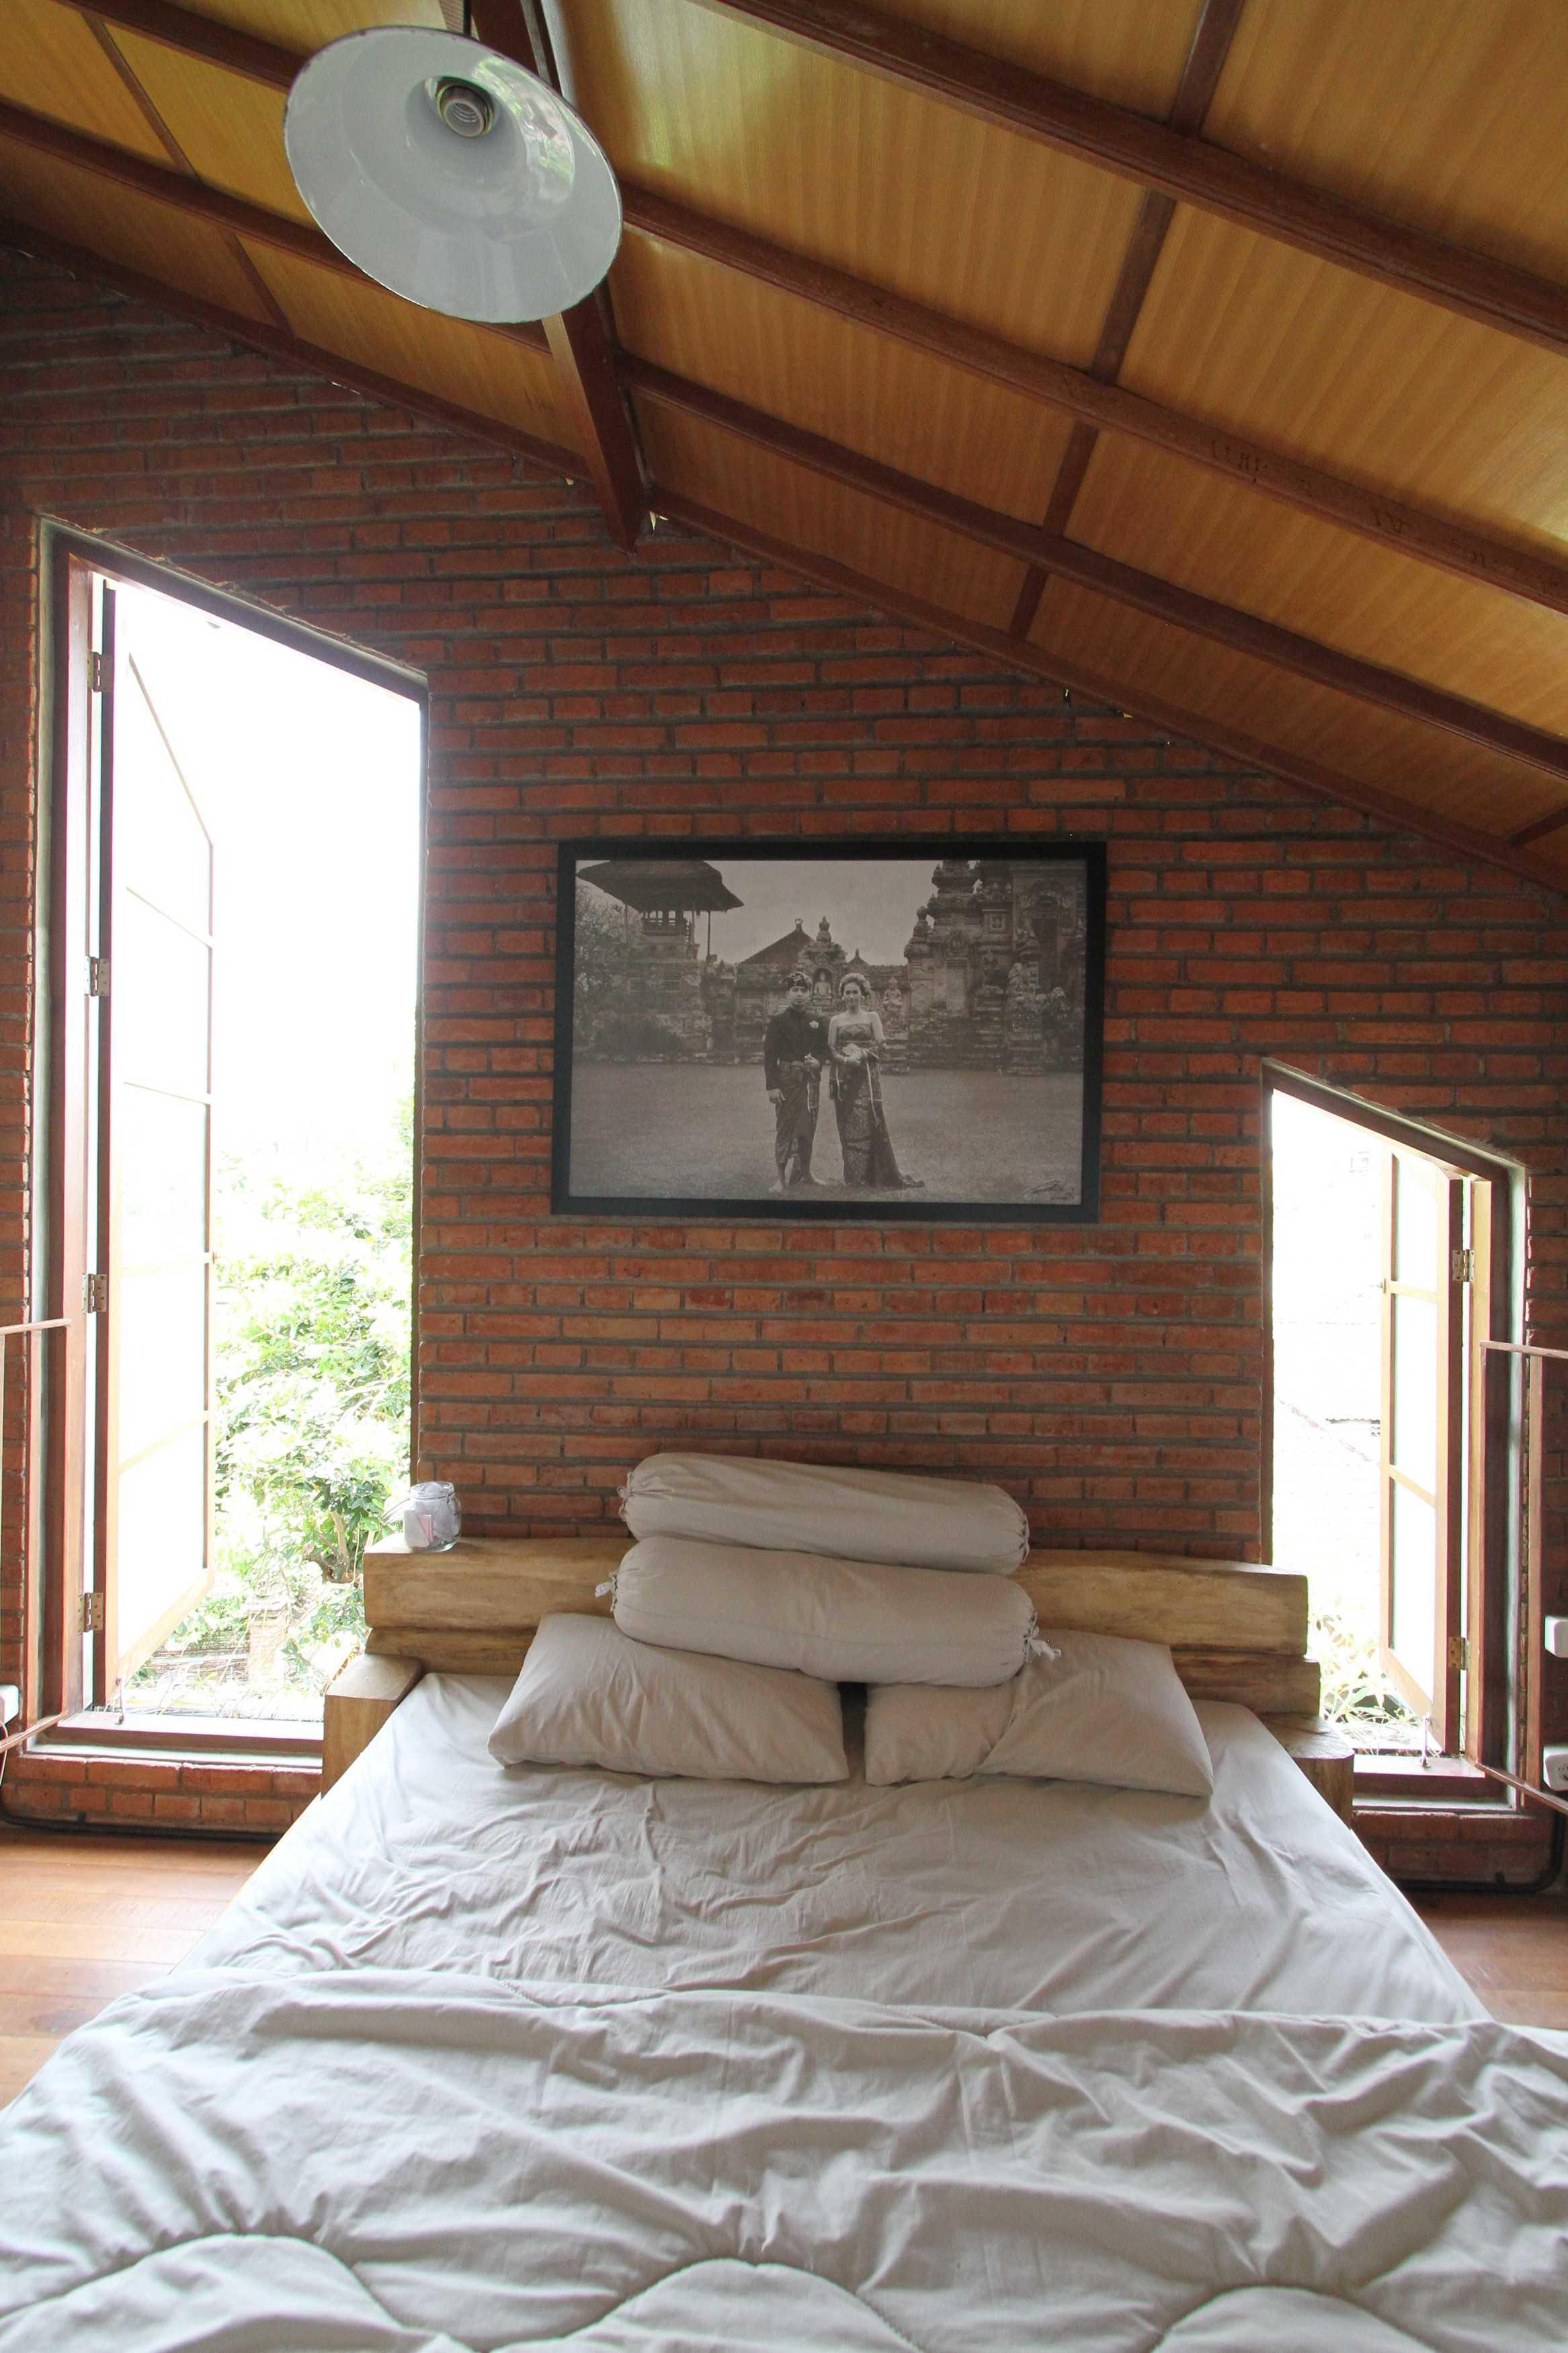 Ddap Architect Vertical Courtyard House Jl. Hanoman, Ubud, Kabupaten Gianyar, Bali 80571, Indonesia Jl. Hanoman, Ubud, Kabupaten Gianyar, Bali 80571, Indonesia Bedroom Tradisional  44427